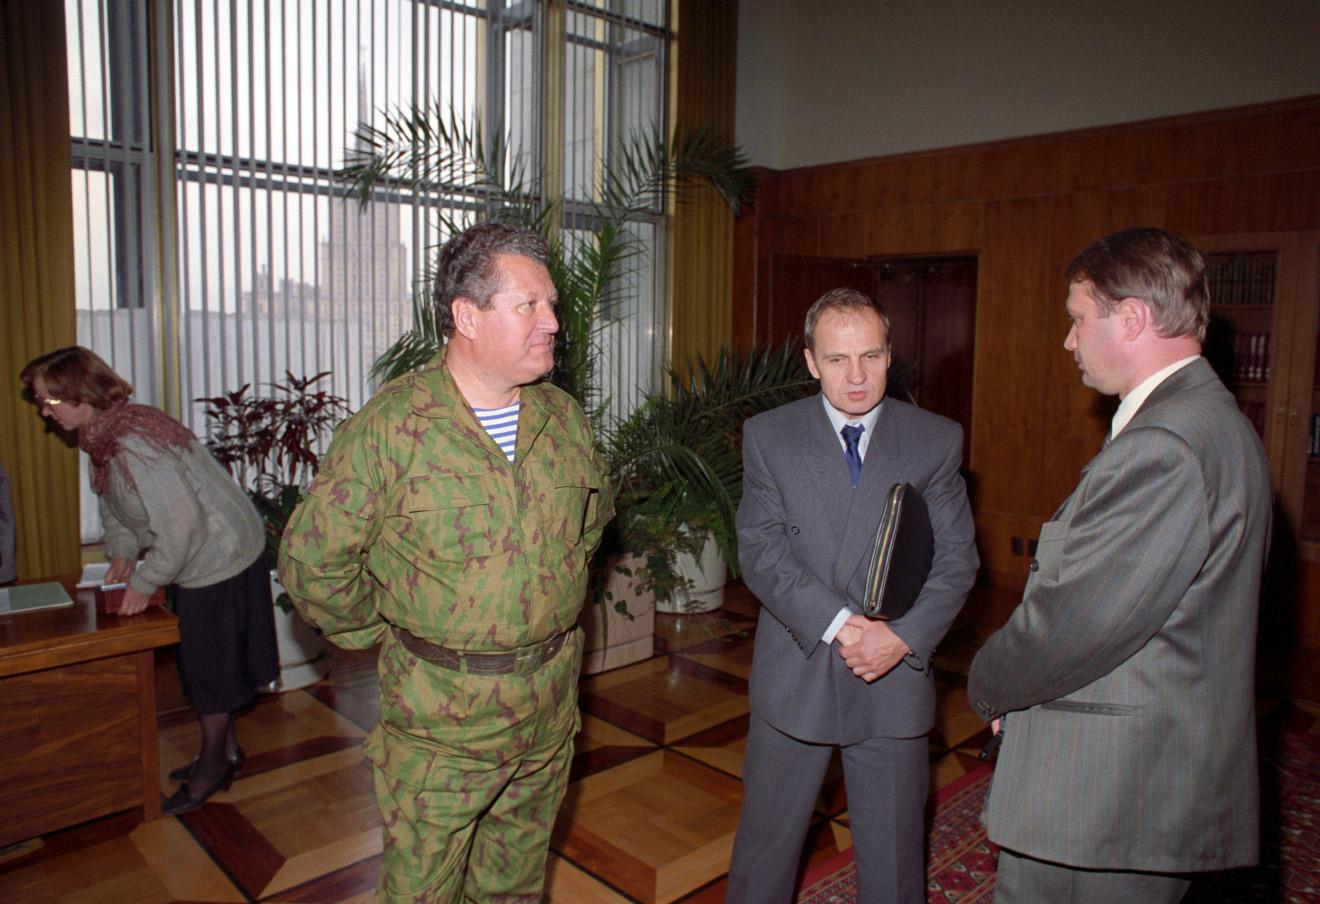 Владислав Ачалов и Валерий Зорькин в Белом доме, 1993 год.